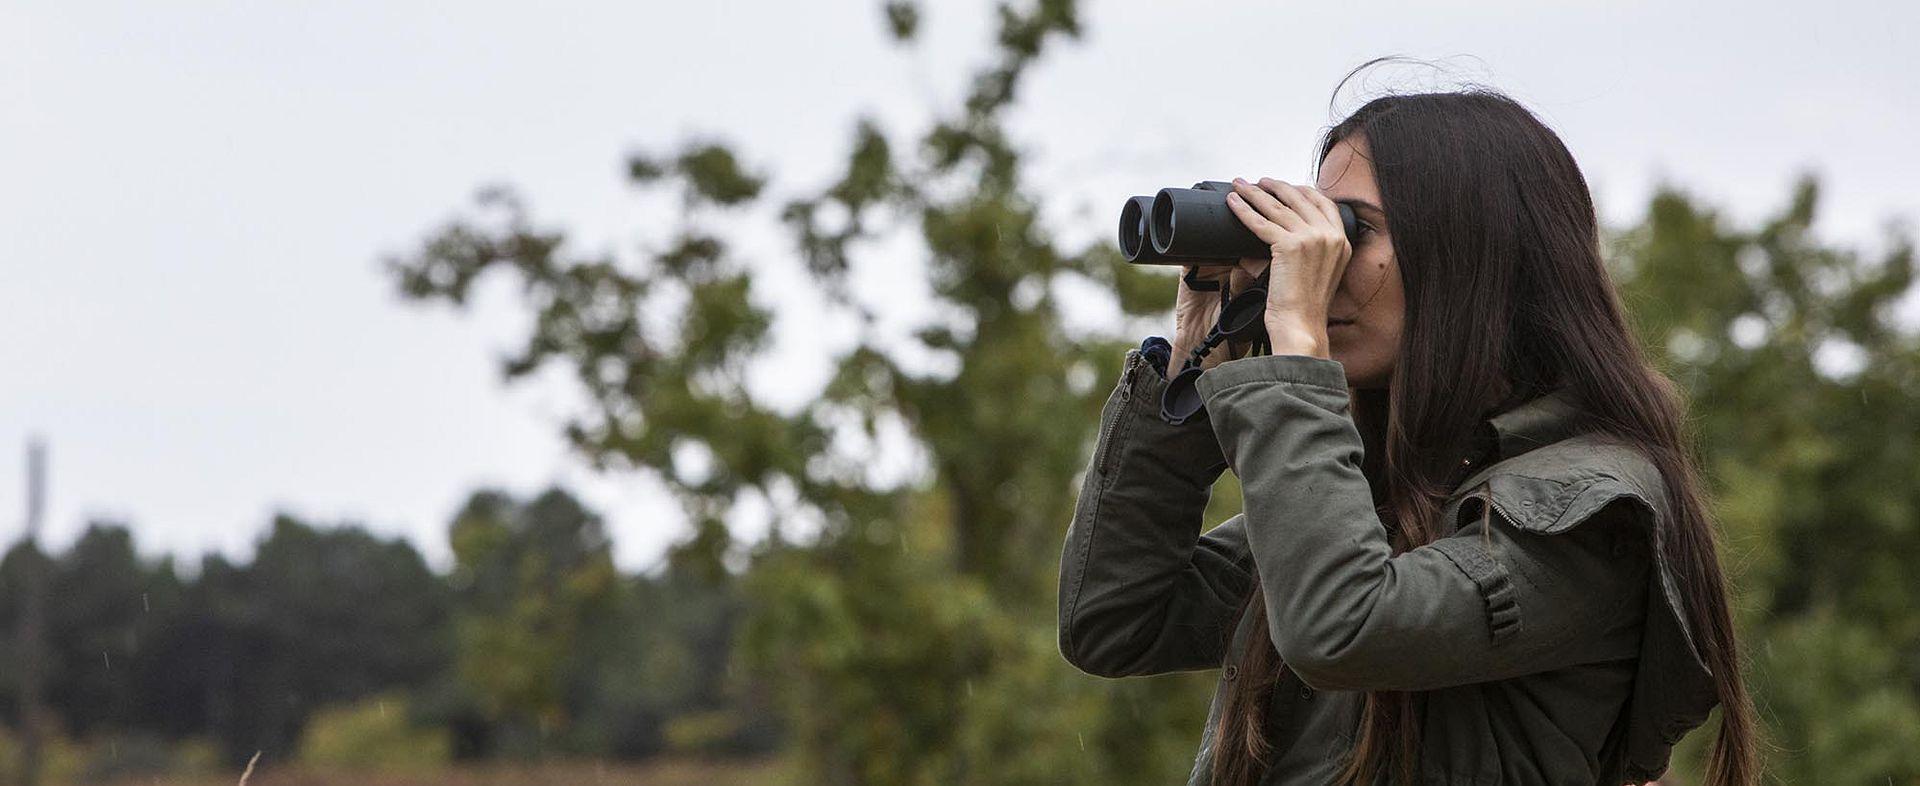 Avistamiento de aves y enoturismo (Valencia) - 'Actiobirding'